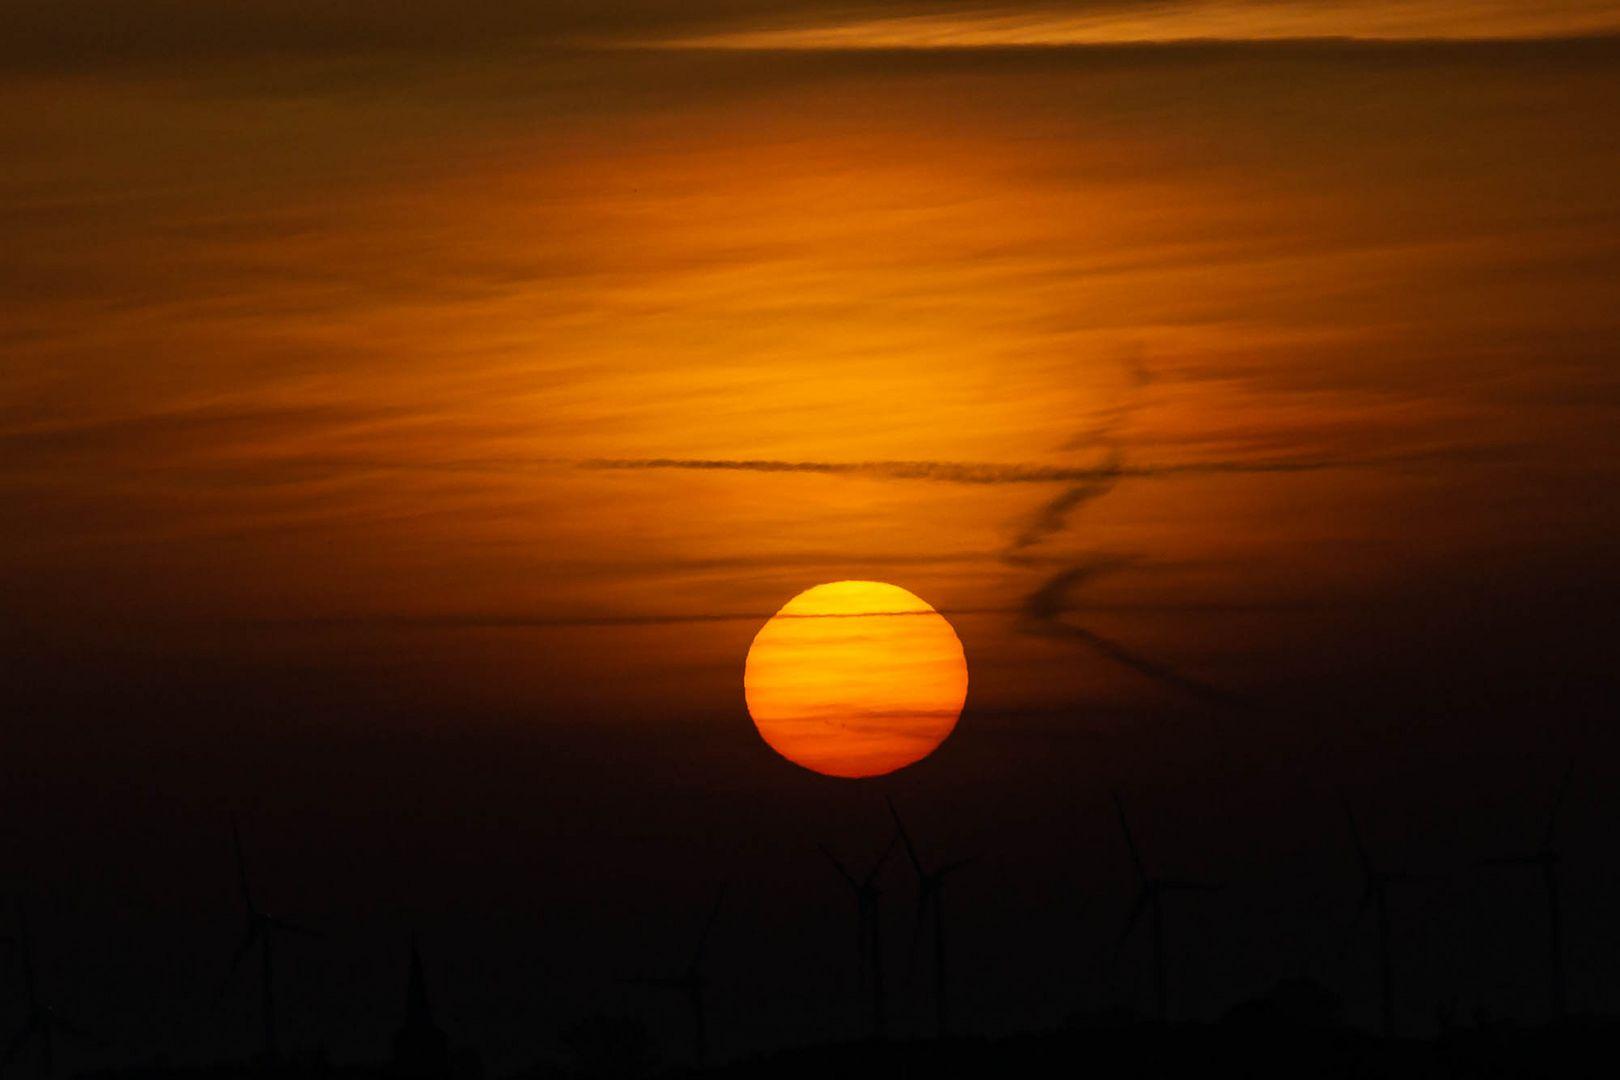 Sonnenuntergang - Ostfriesland - November 2020